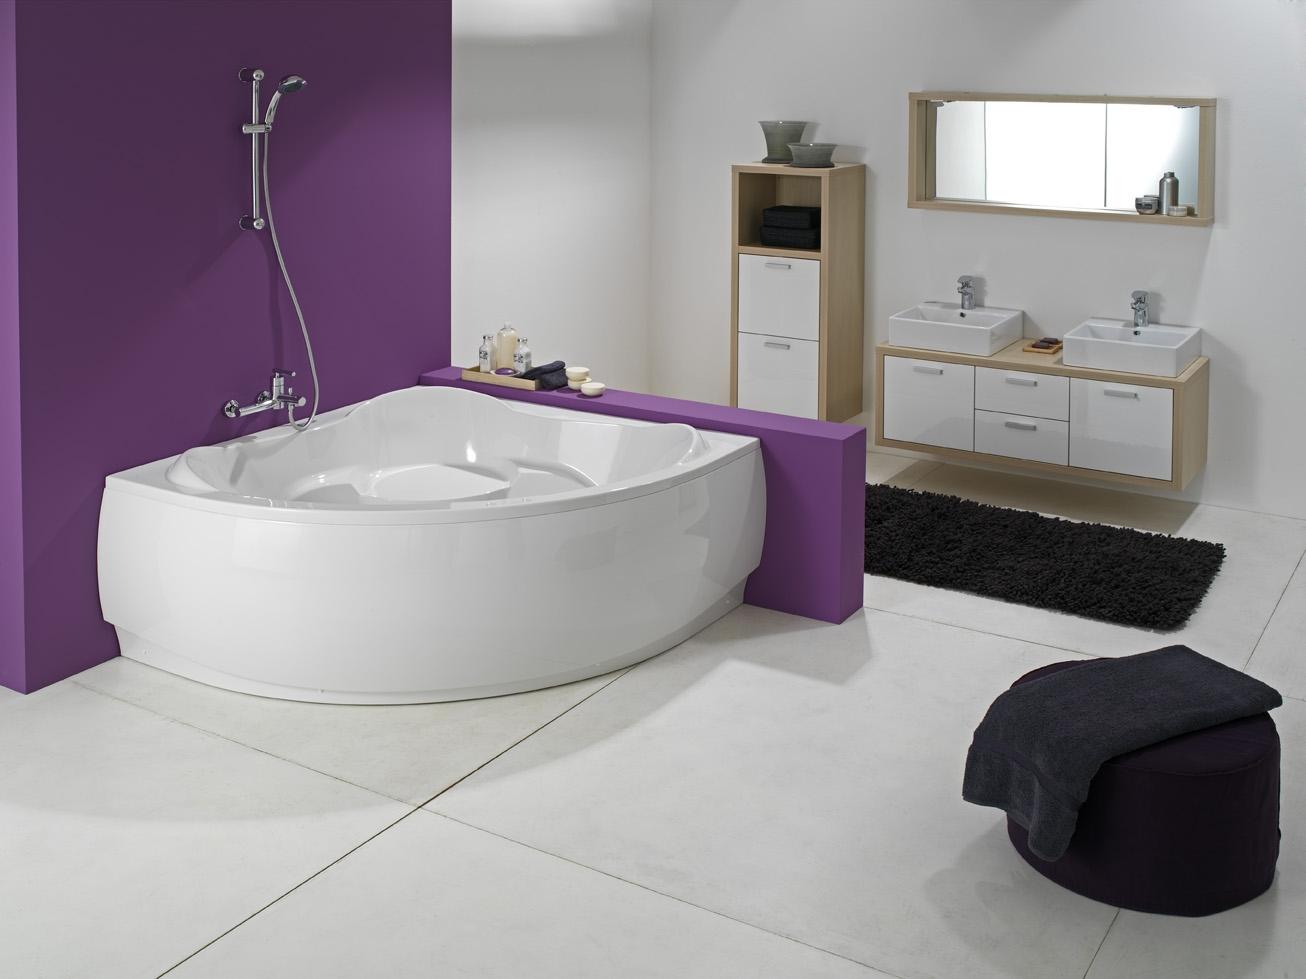 Ремонт в новостройке ванной комнаты 282